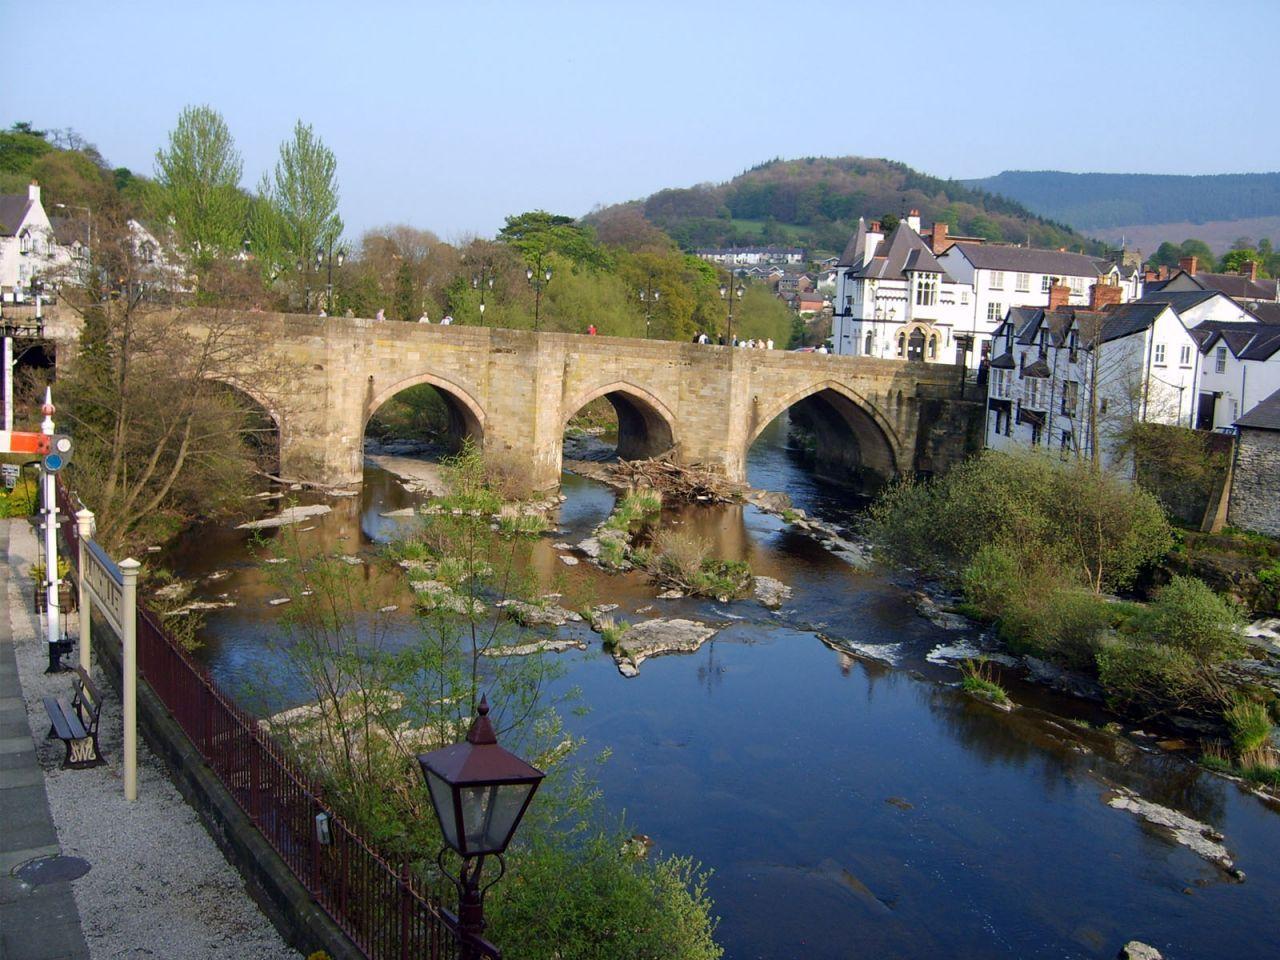 llangollen bridge, llangollen, denbighshire